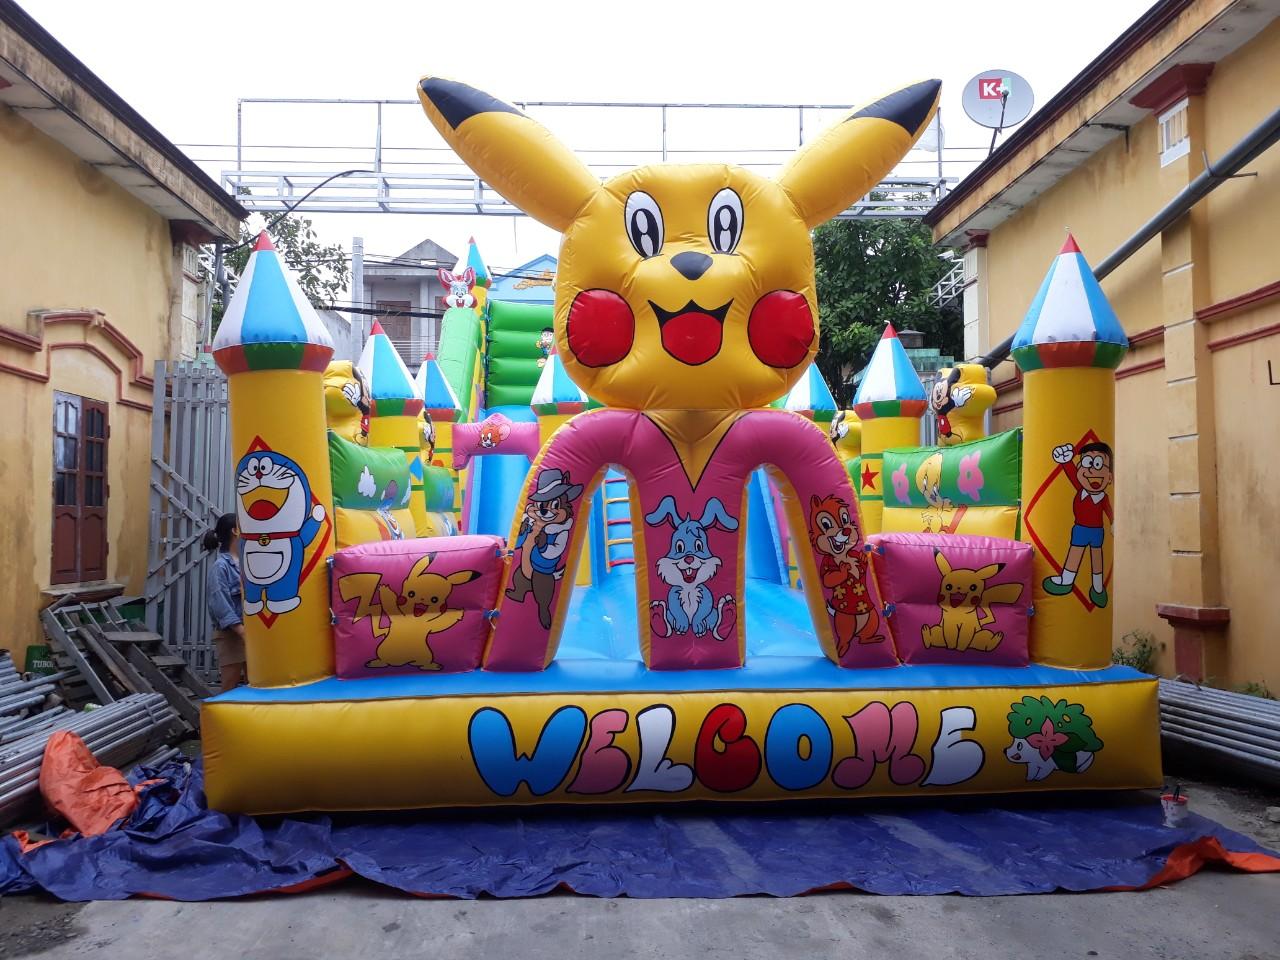 nhà phao lâu đài bơm hơi Pikachu